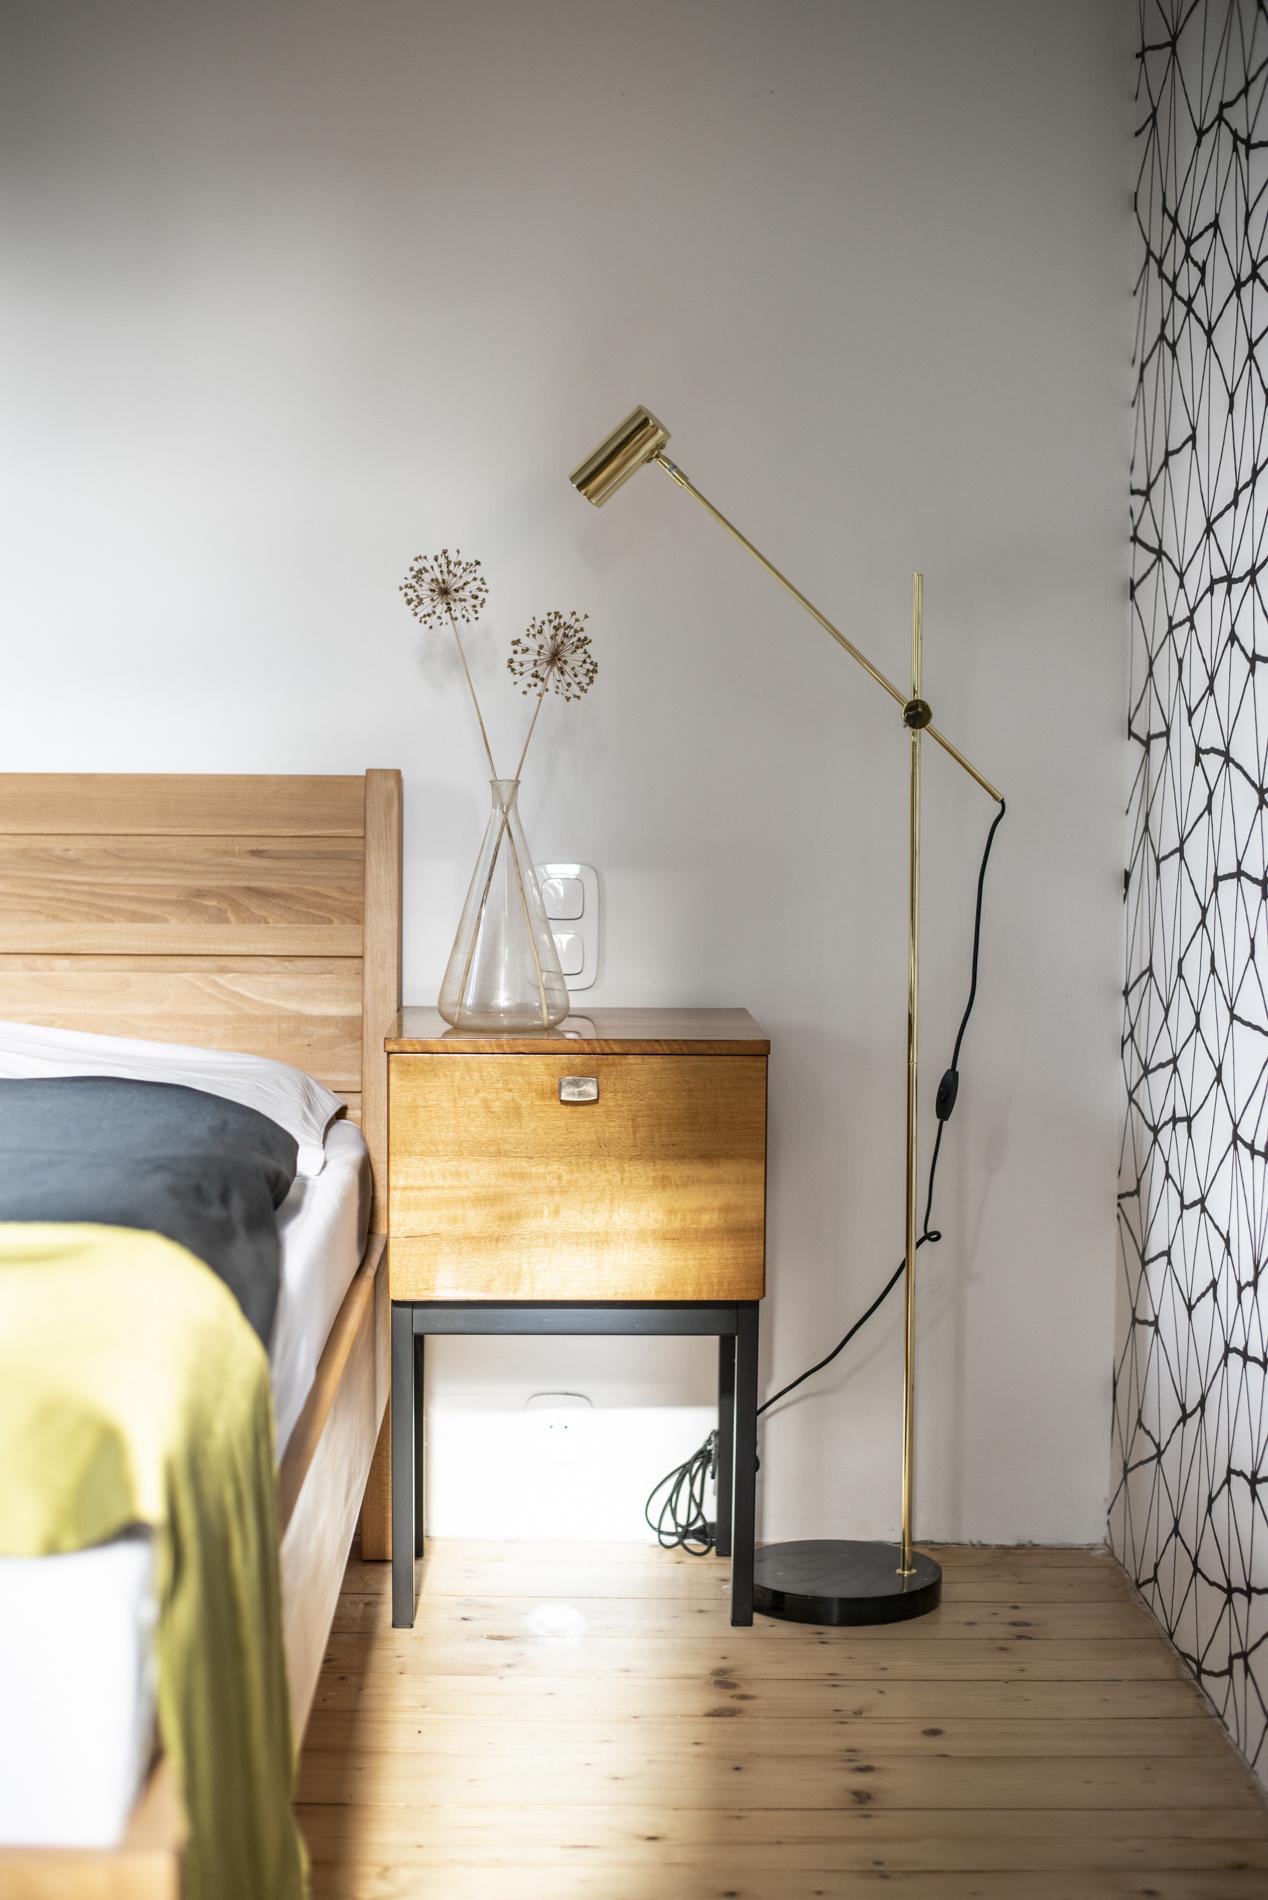 Postel i smrková podlaha zůstaly z předchozího stavu. Místo lampiček u nočních stolků jsou použité podlahové lampy, mosazné a do páru.